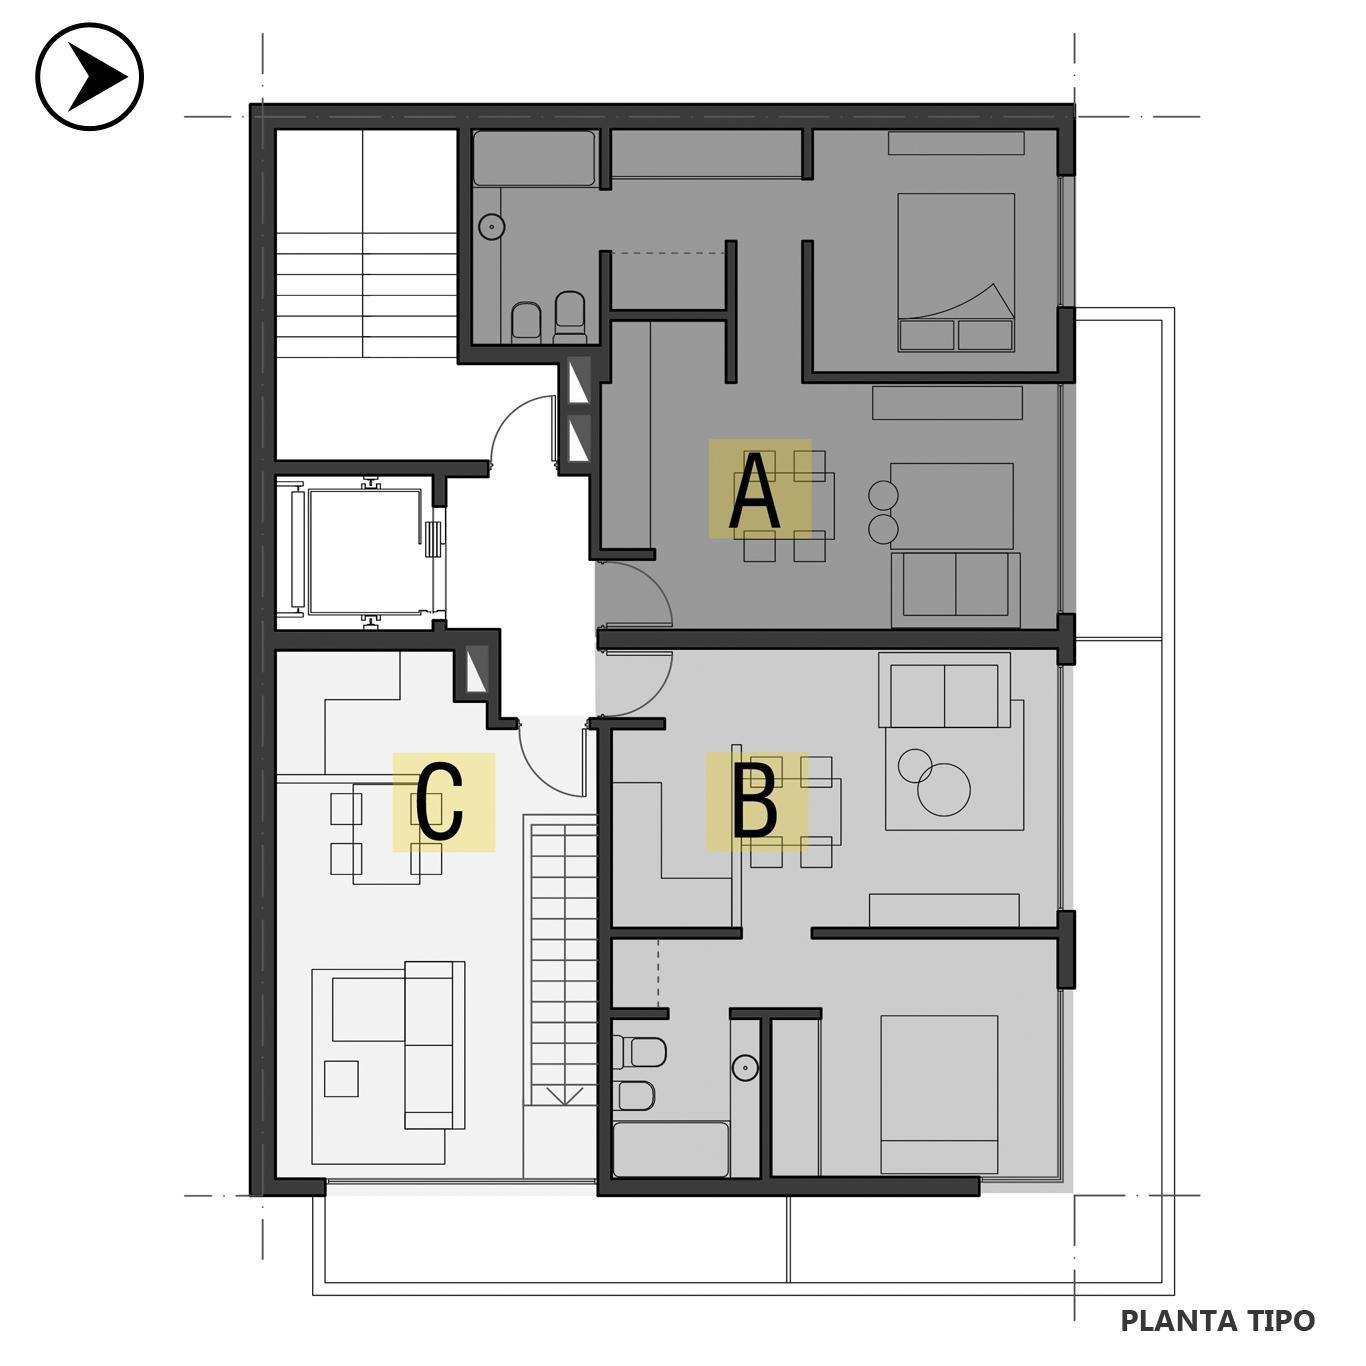 Venta departamento 1 dormitorio Rosario, Centro. Cod CBU24188 AP2257812. Crestale Propiedades